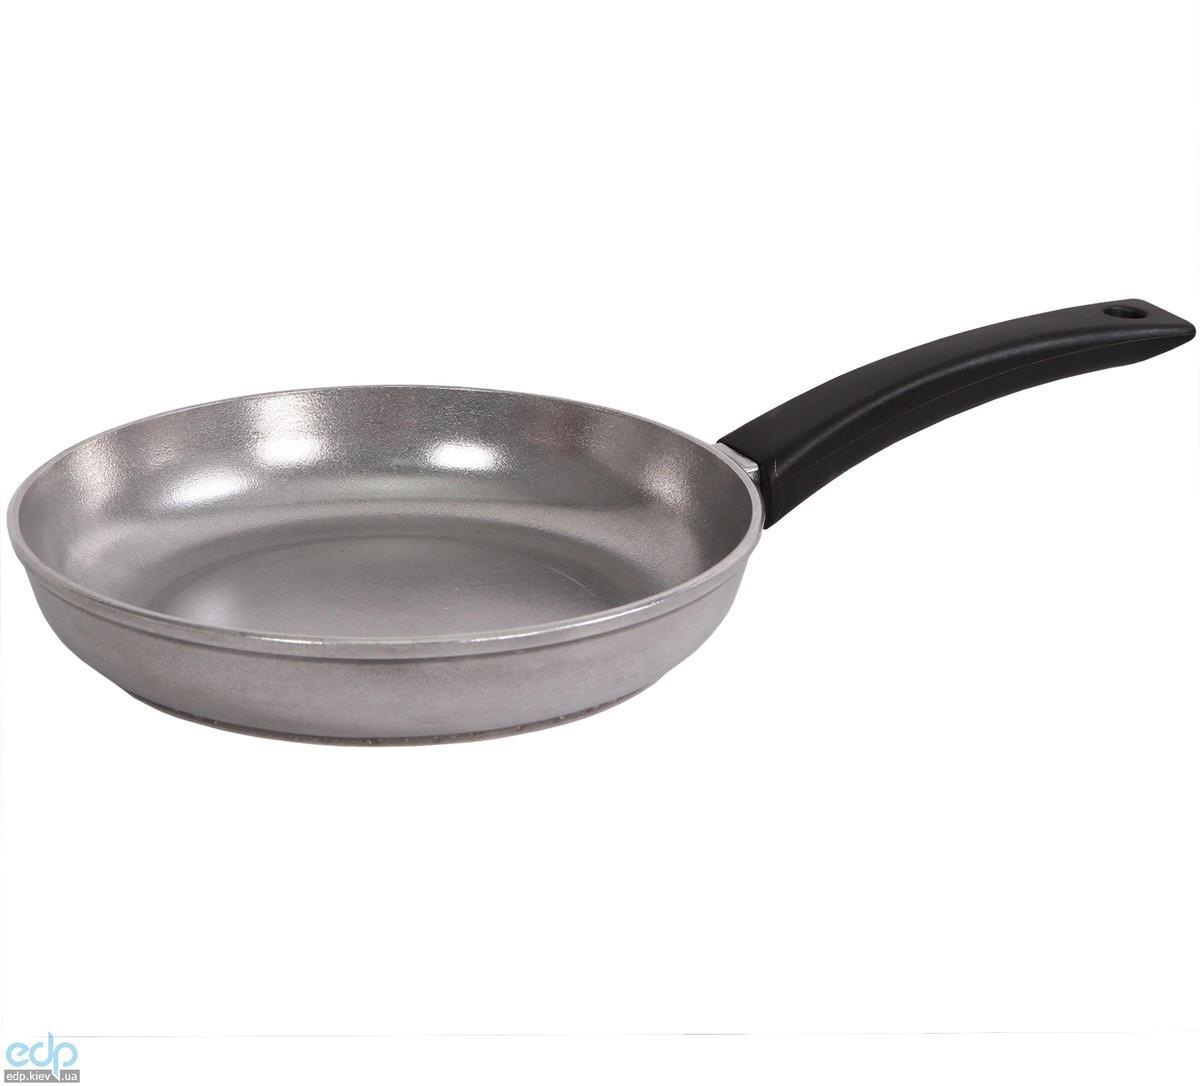 Биол - Сковорода алюминиевая без крышки Линия Блеск диаметр 24 см (2404Б)